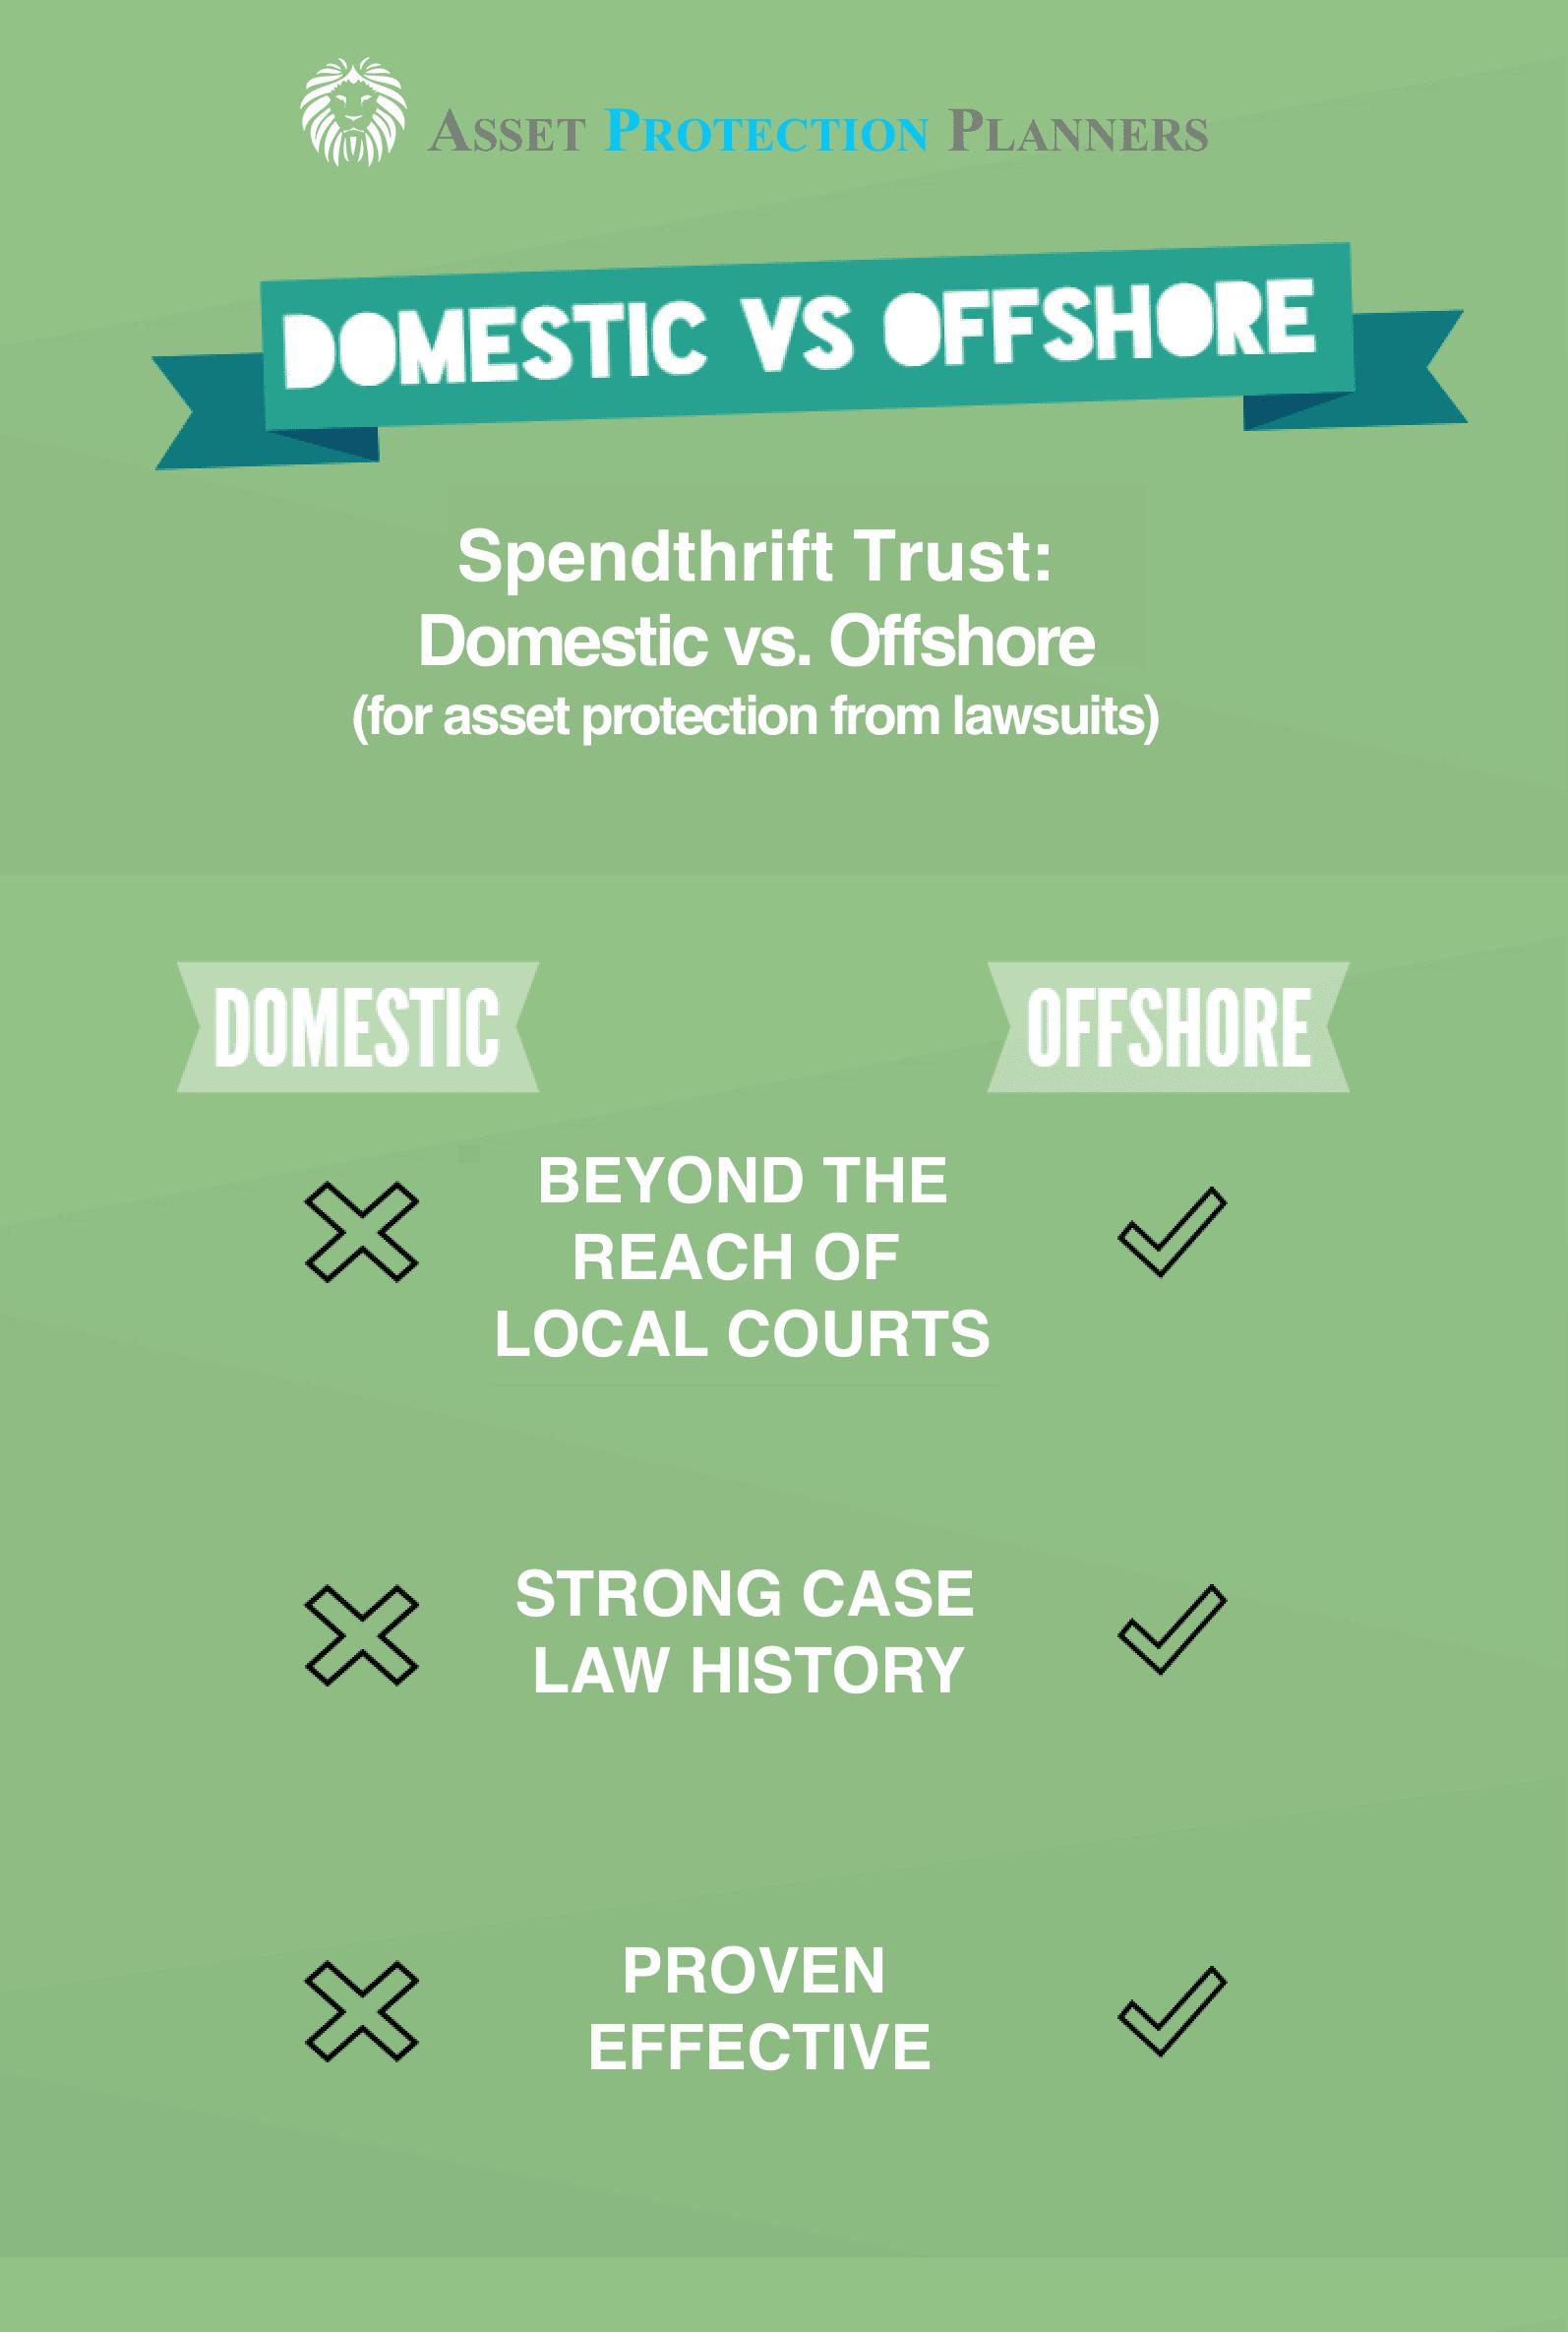 Domestic vs. offshore spendthrift trust